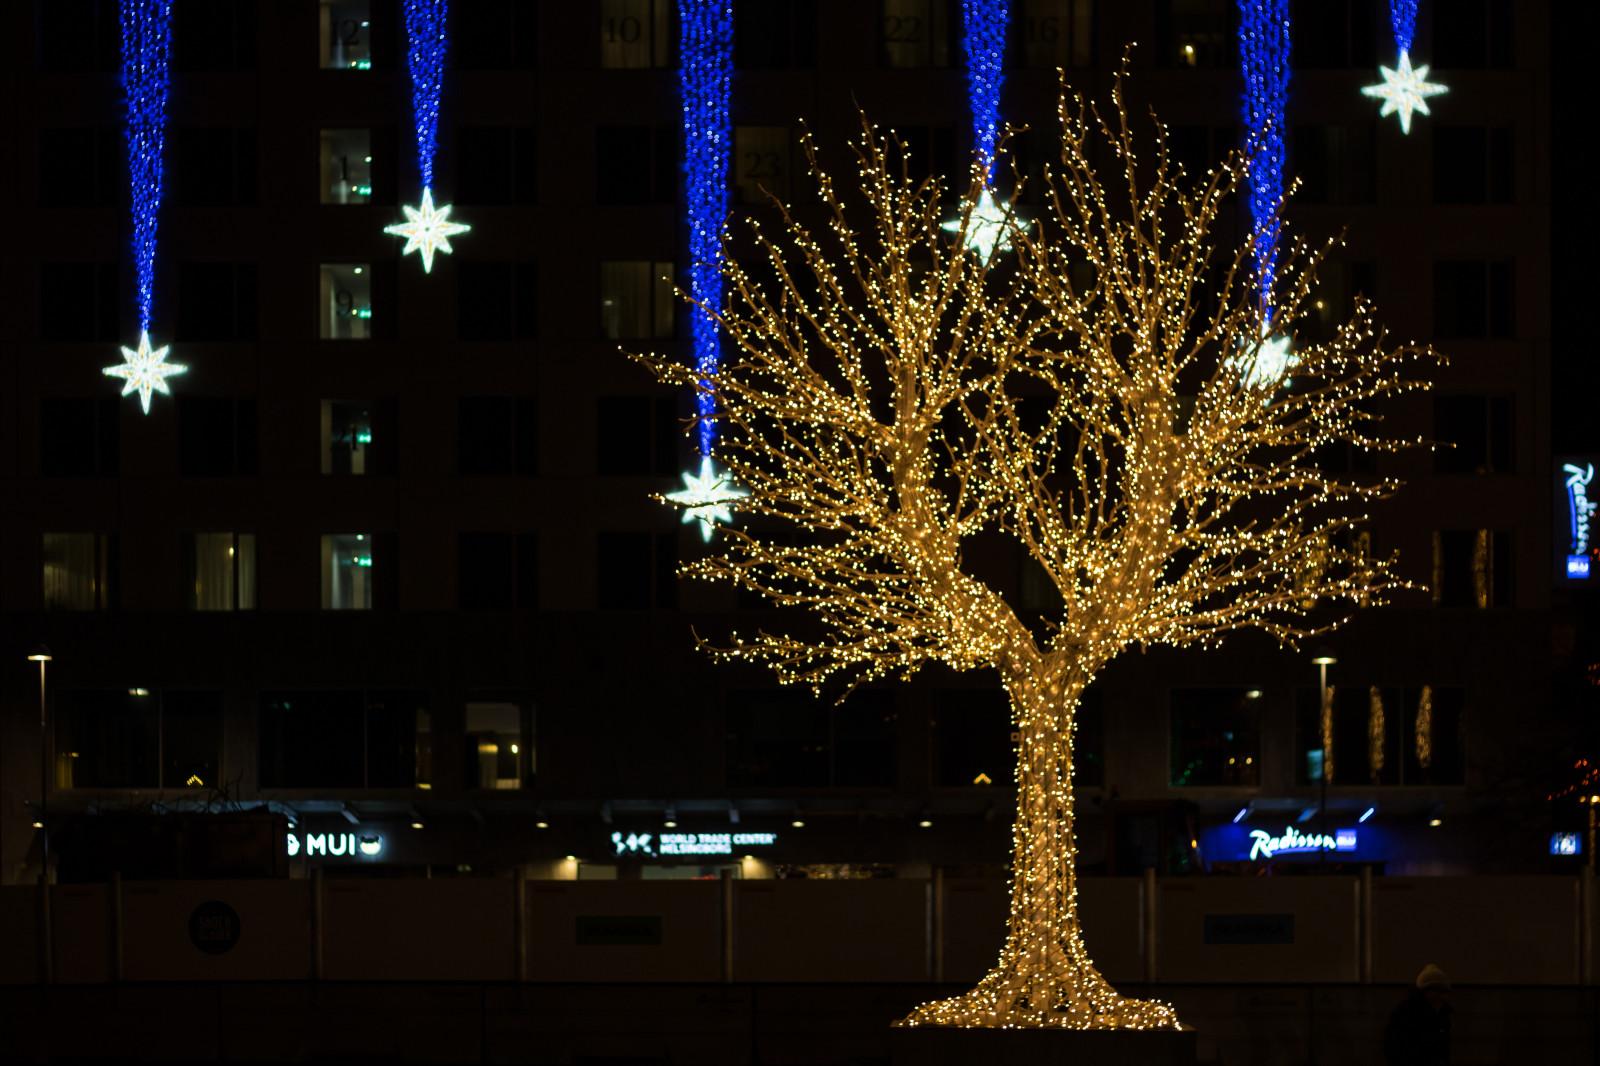 hintergrundbilder nacht weihnachtsbaum weihnachten weihnachtsbeleuchtung licht baum. Black Bedroom Furniture Sets. Home Design Ideas